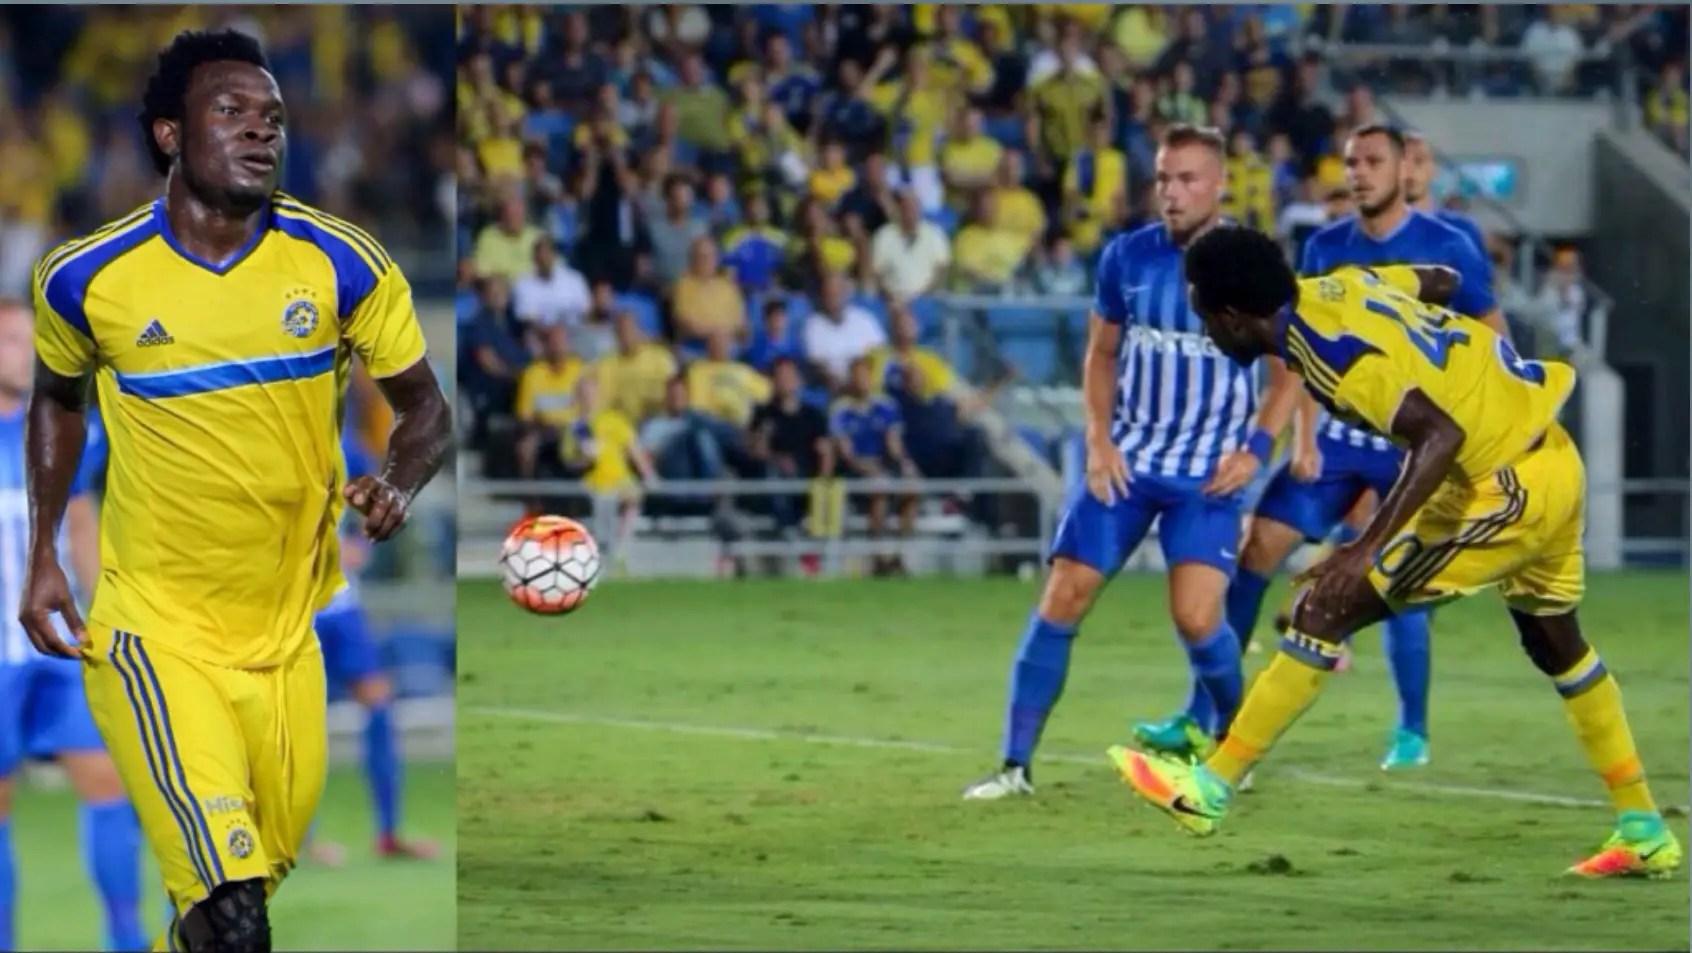 Europa League: Igiebor Scores, Progresses With Tel Aviv; Enyeama Crashes Out